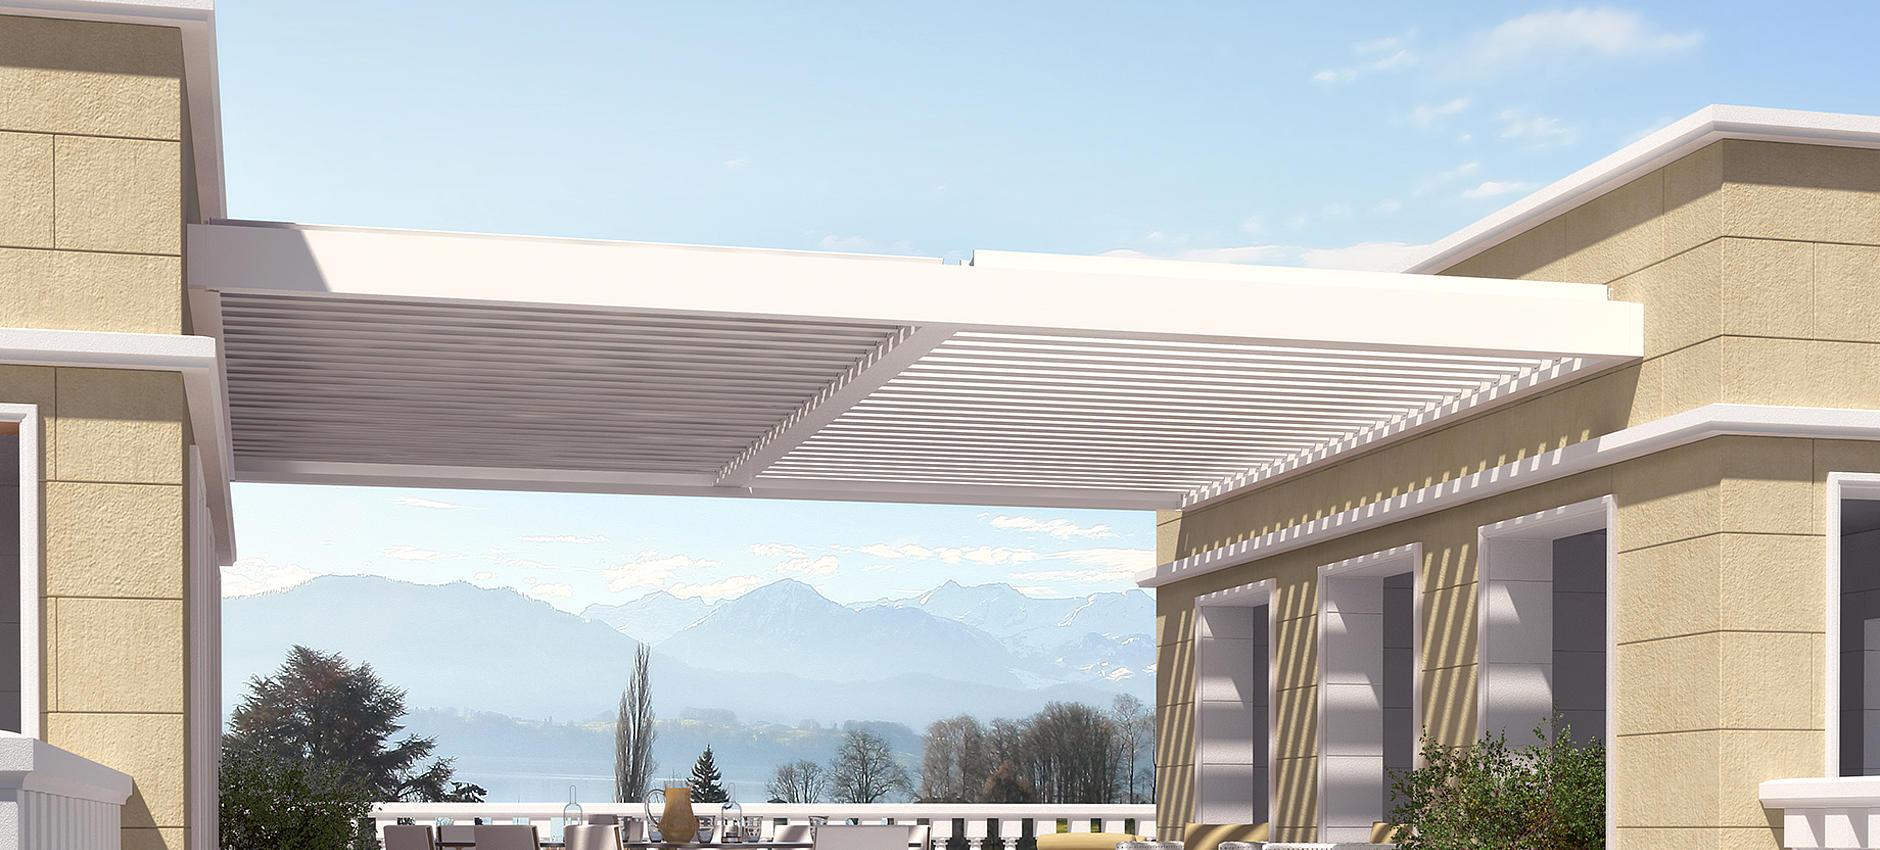 Astano TR4110 / TR4120 / TR4520 horizontale Überdachung für Laibung mit drehbaren Aluminium-Lamellen oder robuster Faltmarkise